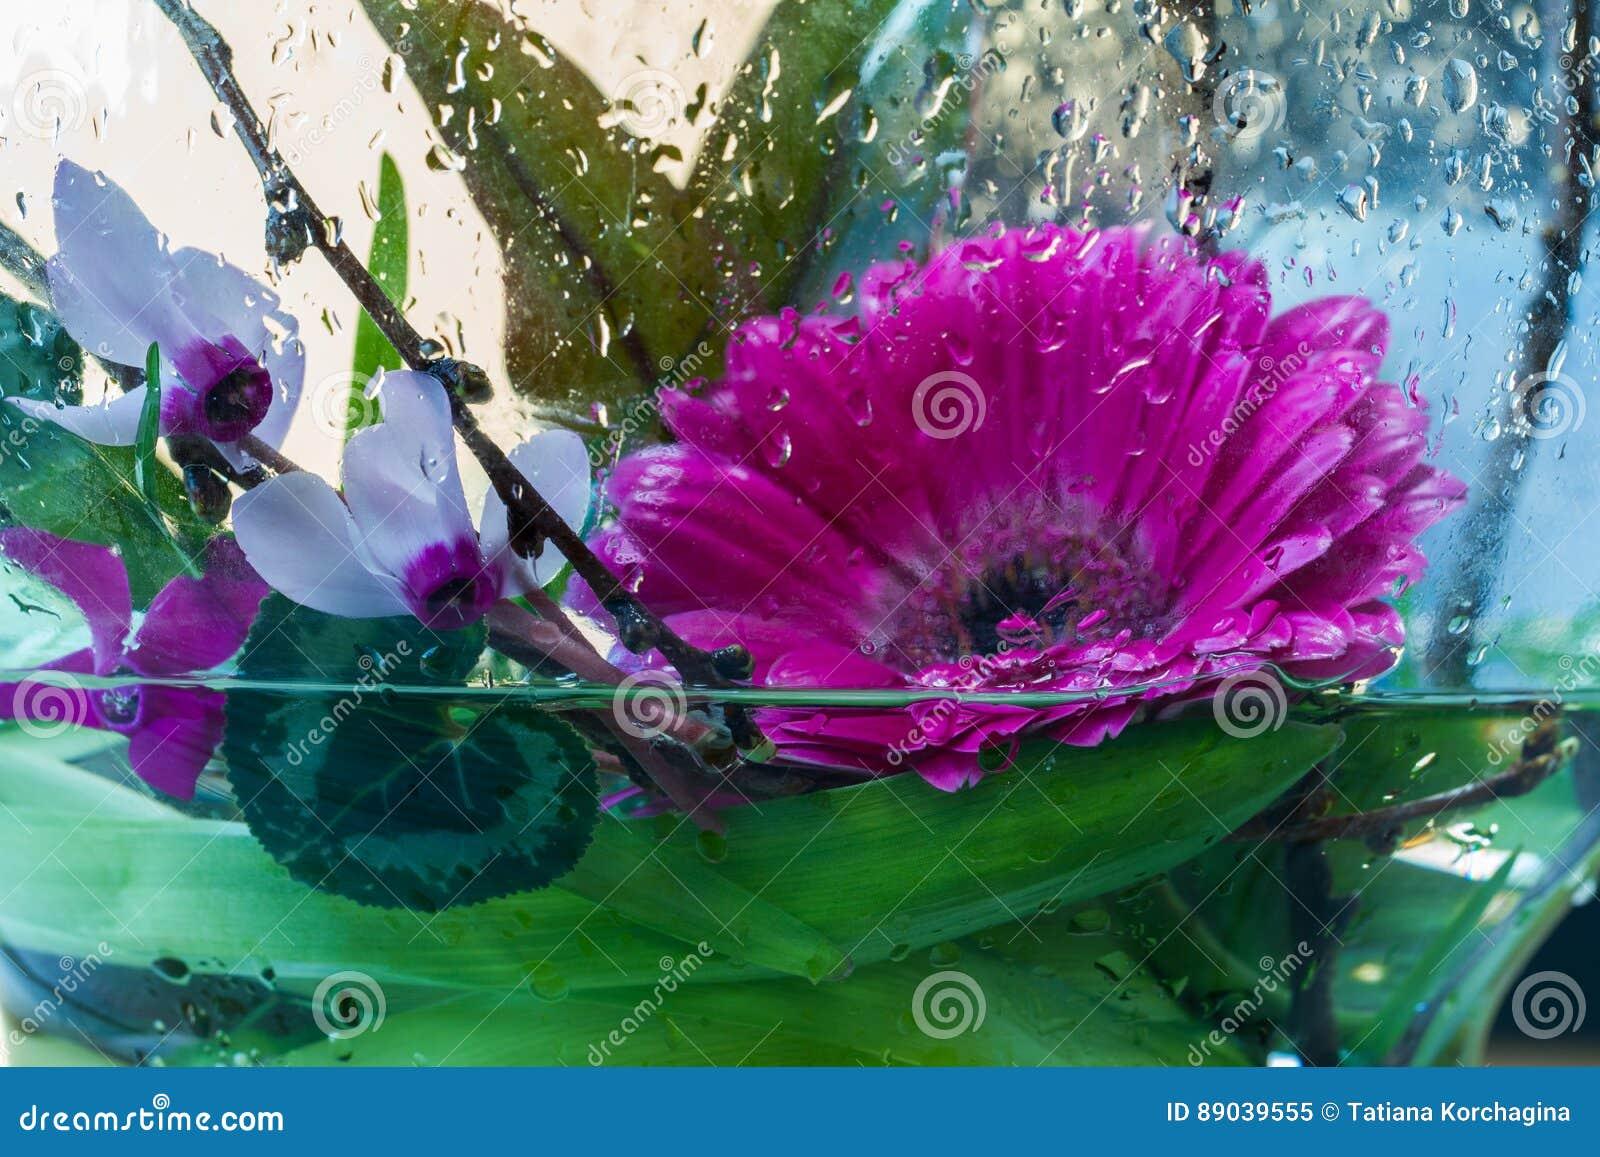 Friskhet blommor i vattendropparna